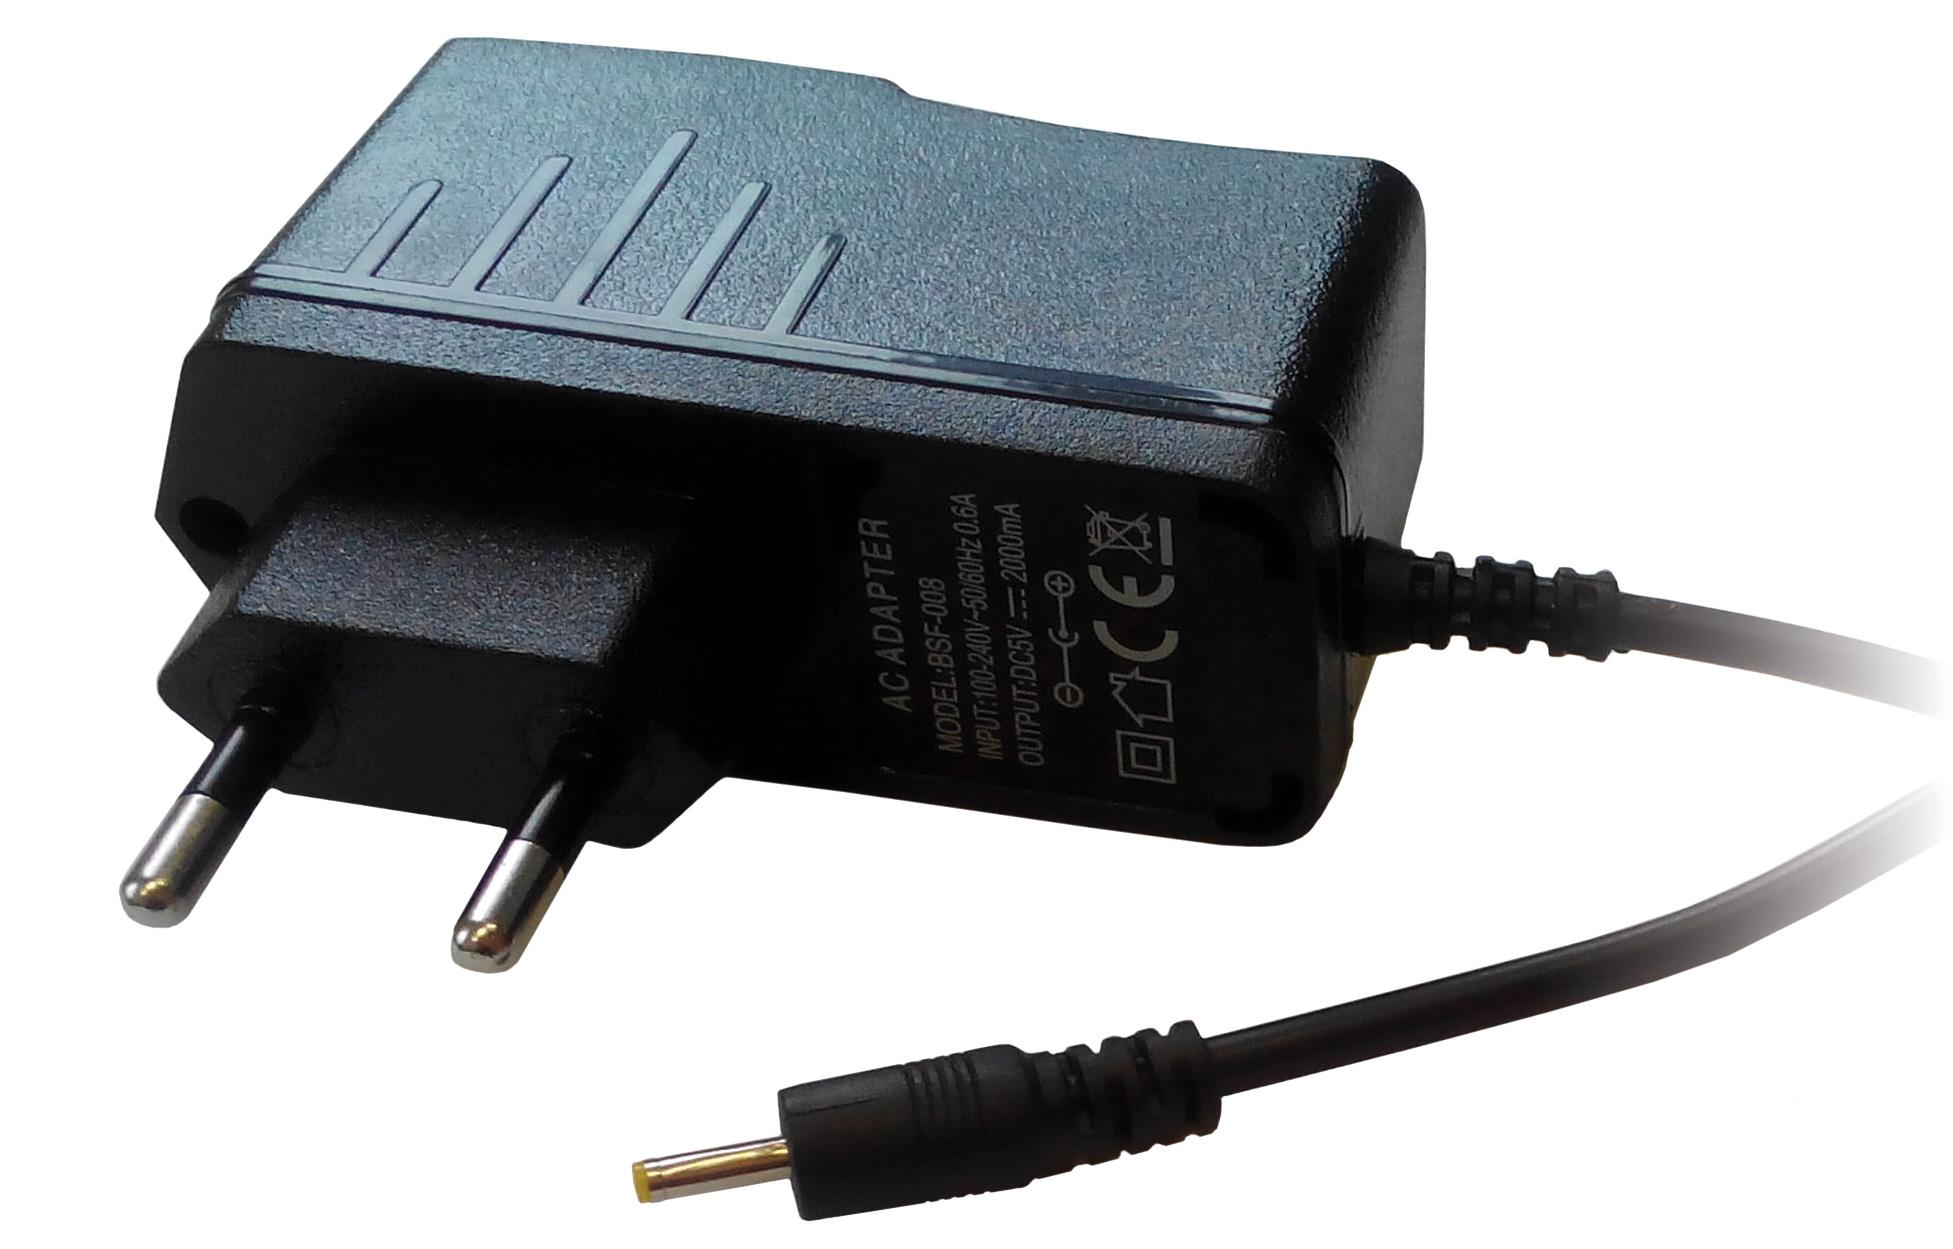 F4 napájecí adaptér pro tablety EAGET a iGET DC 5V